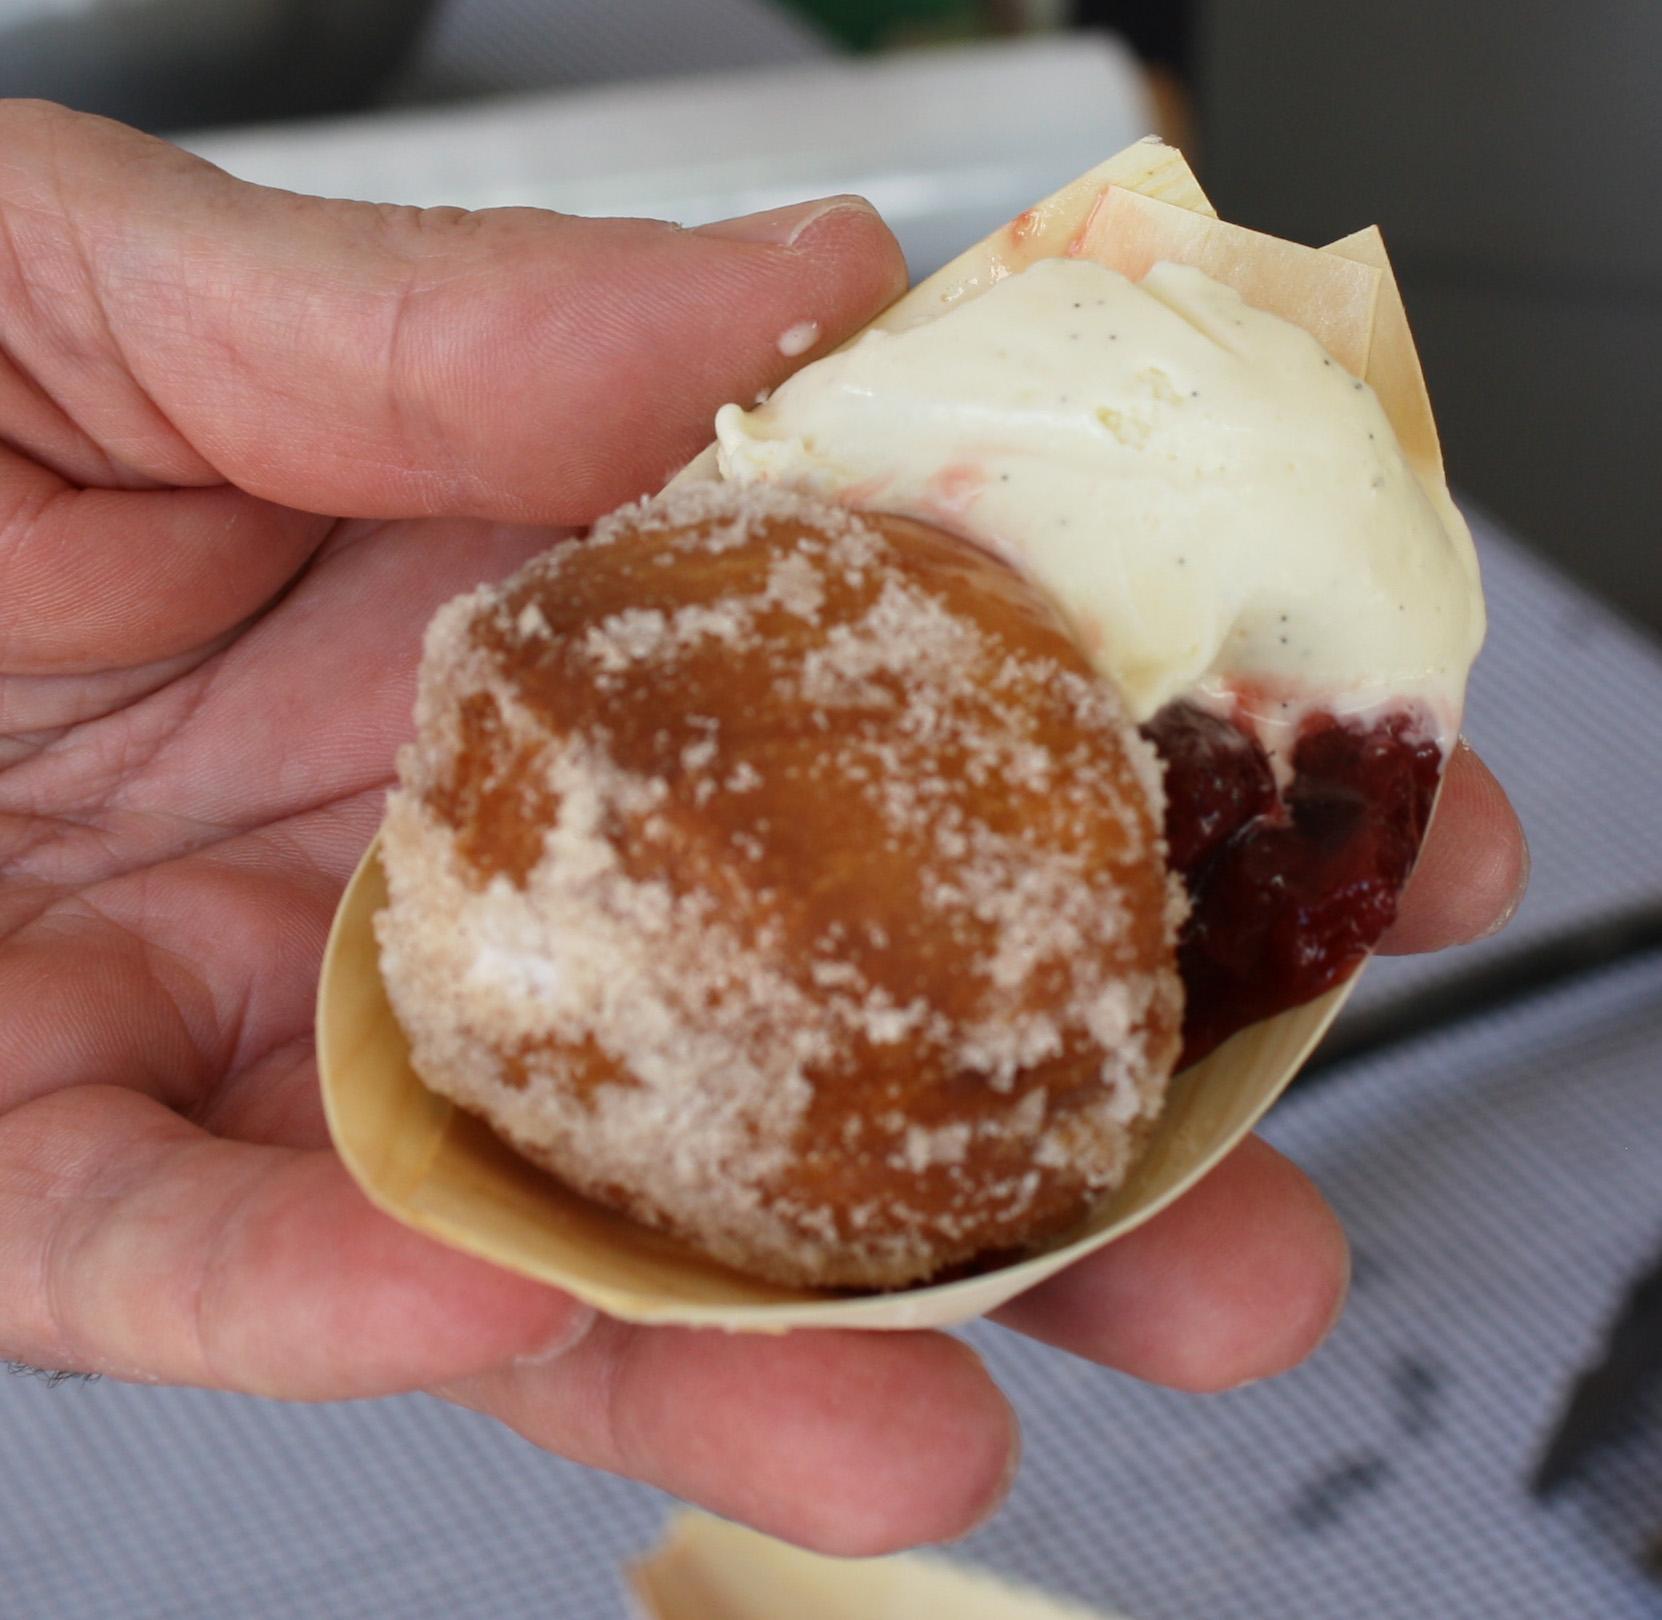 Donut-dessert.jpg